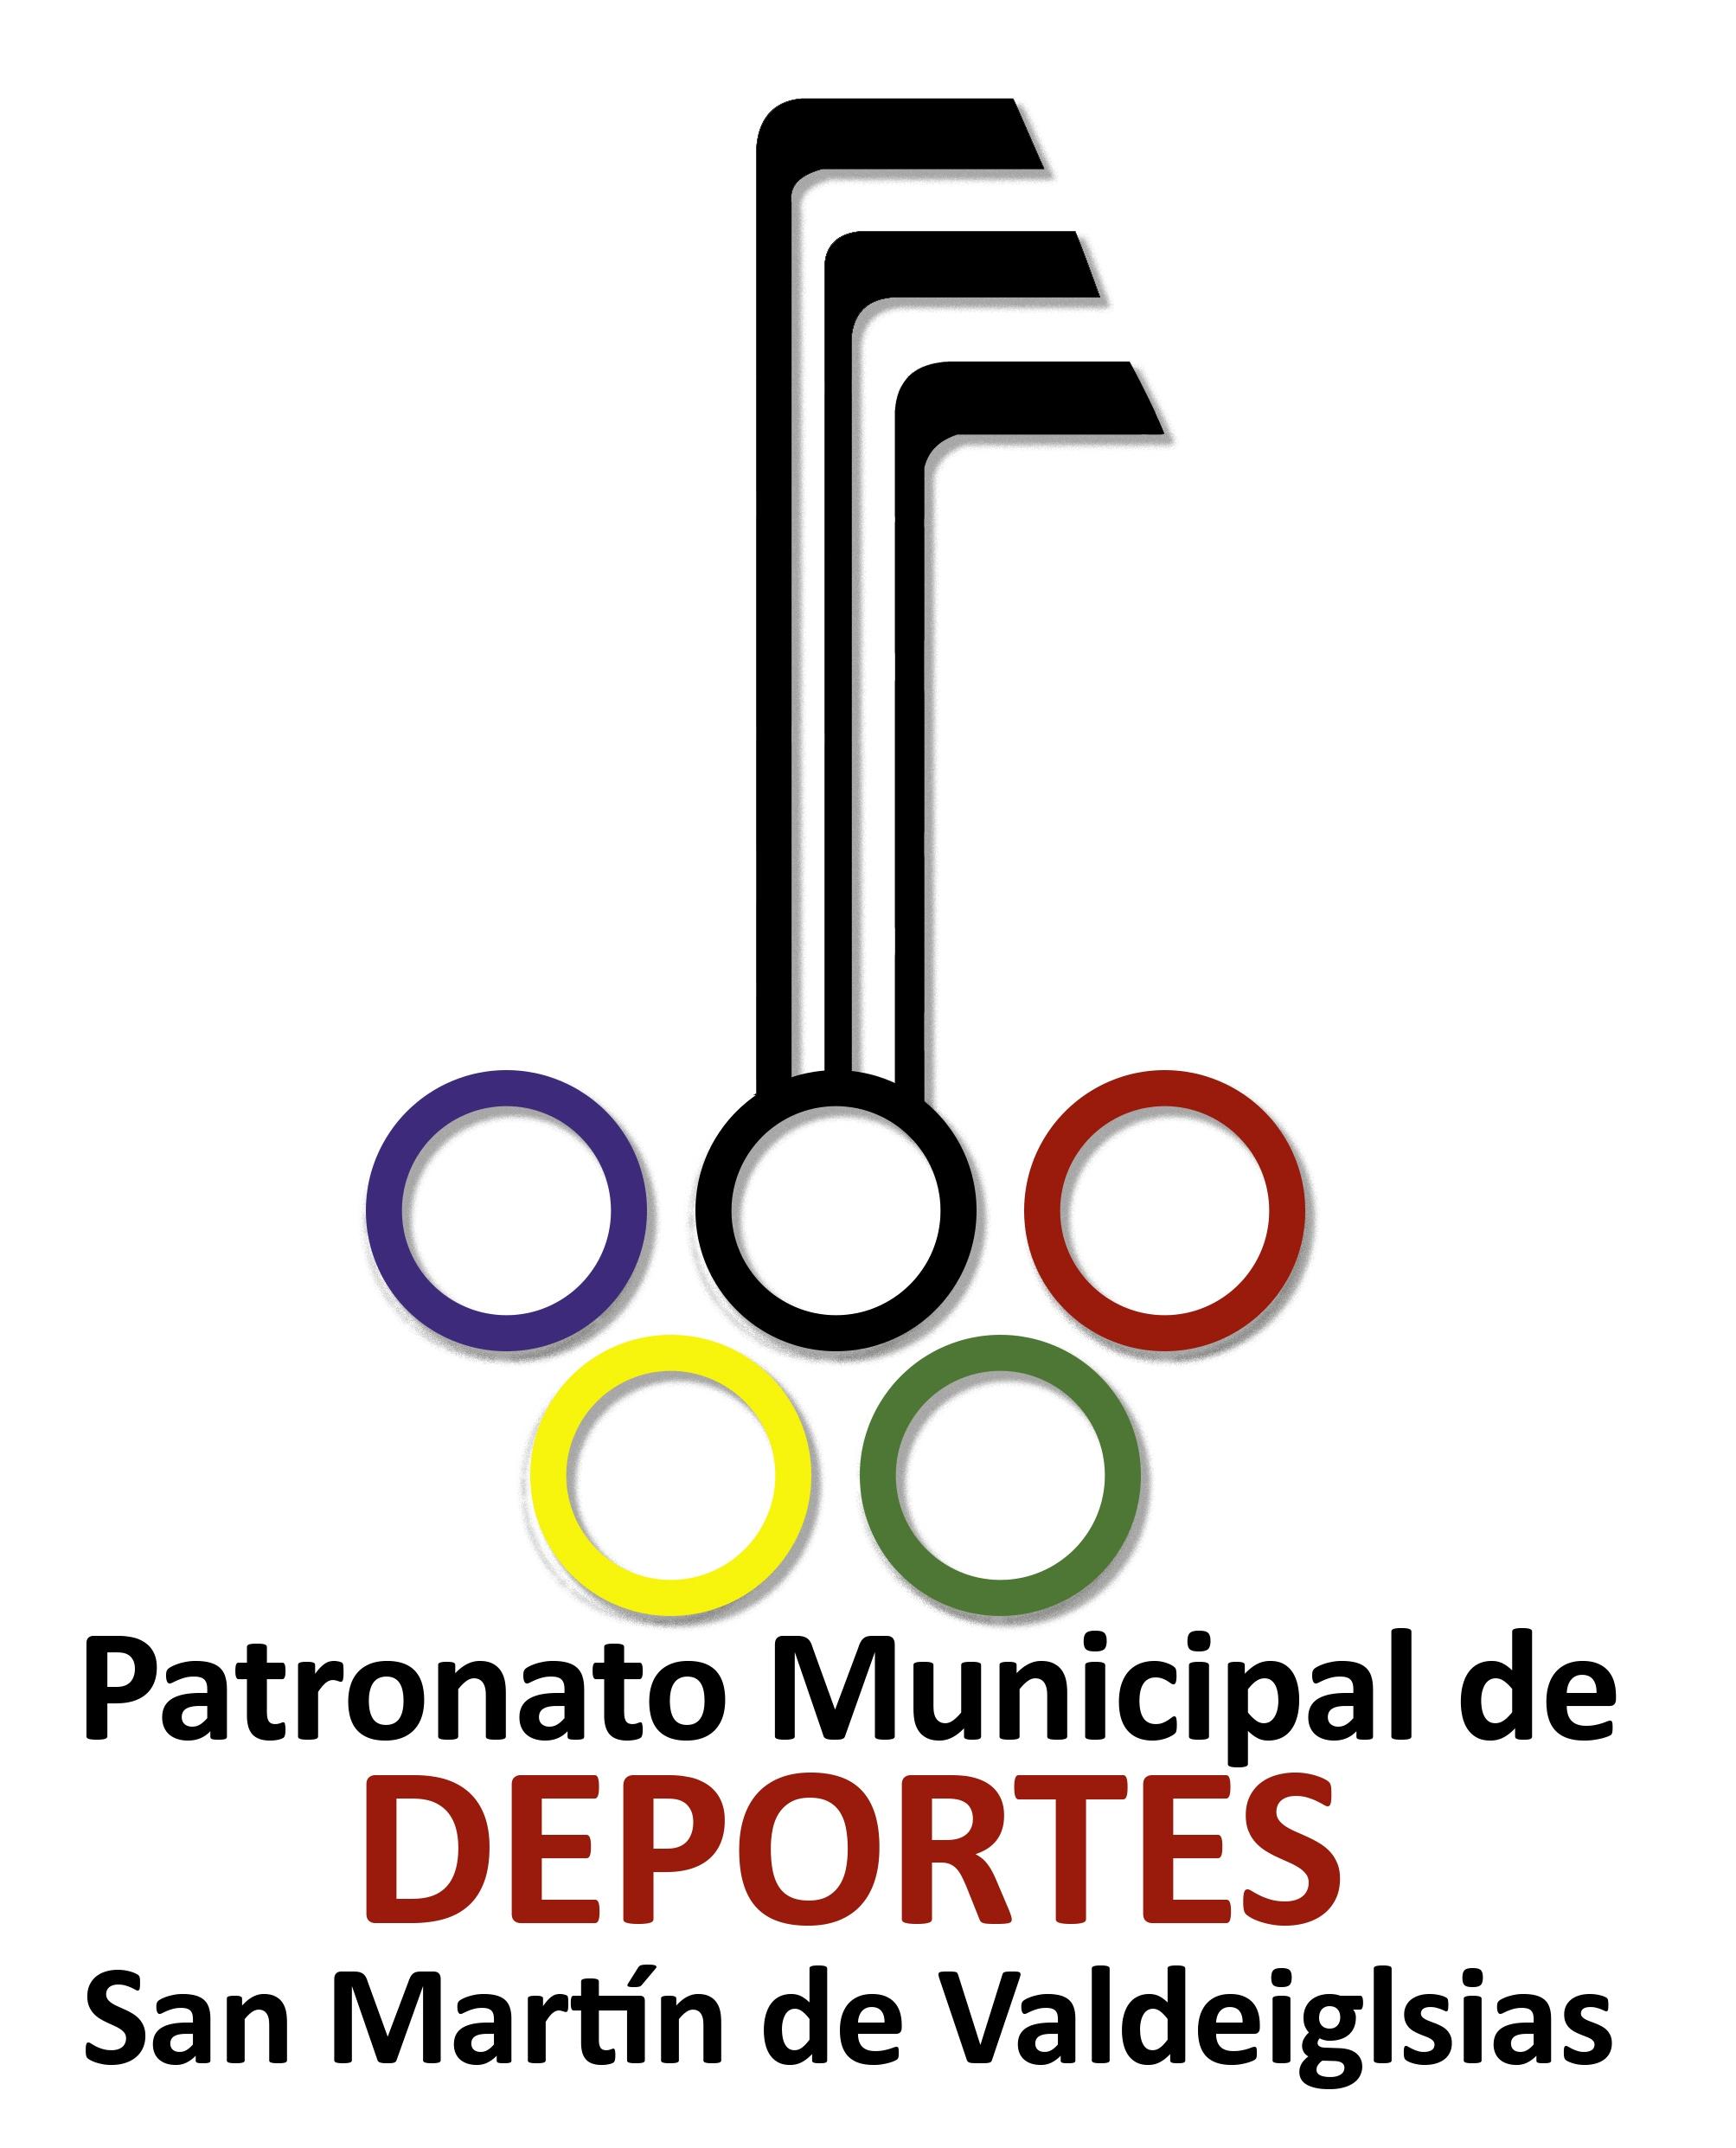 b3d9e3e6 Patronato Municipal de Deportes – San Martín de Valdeiglesias